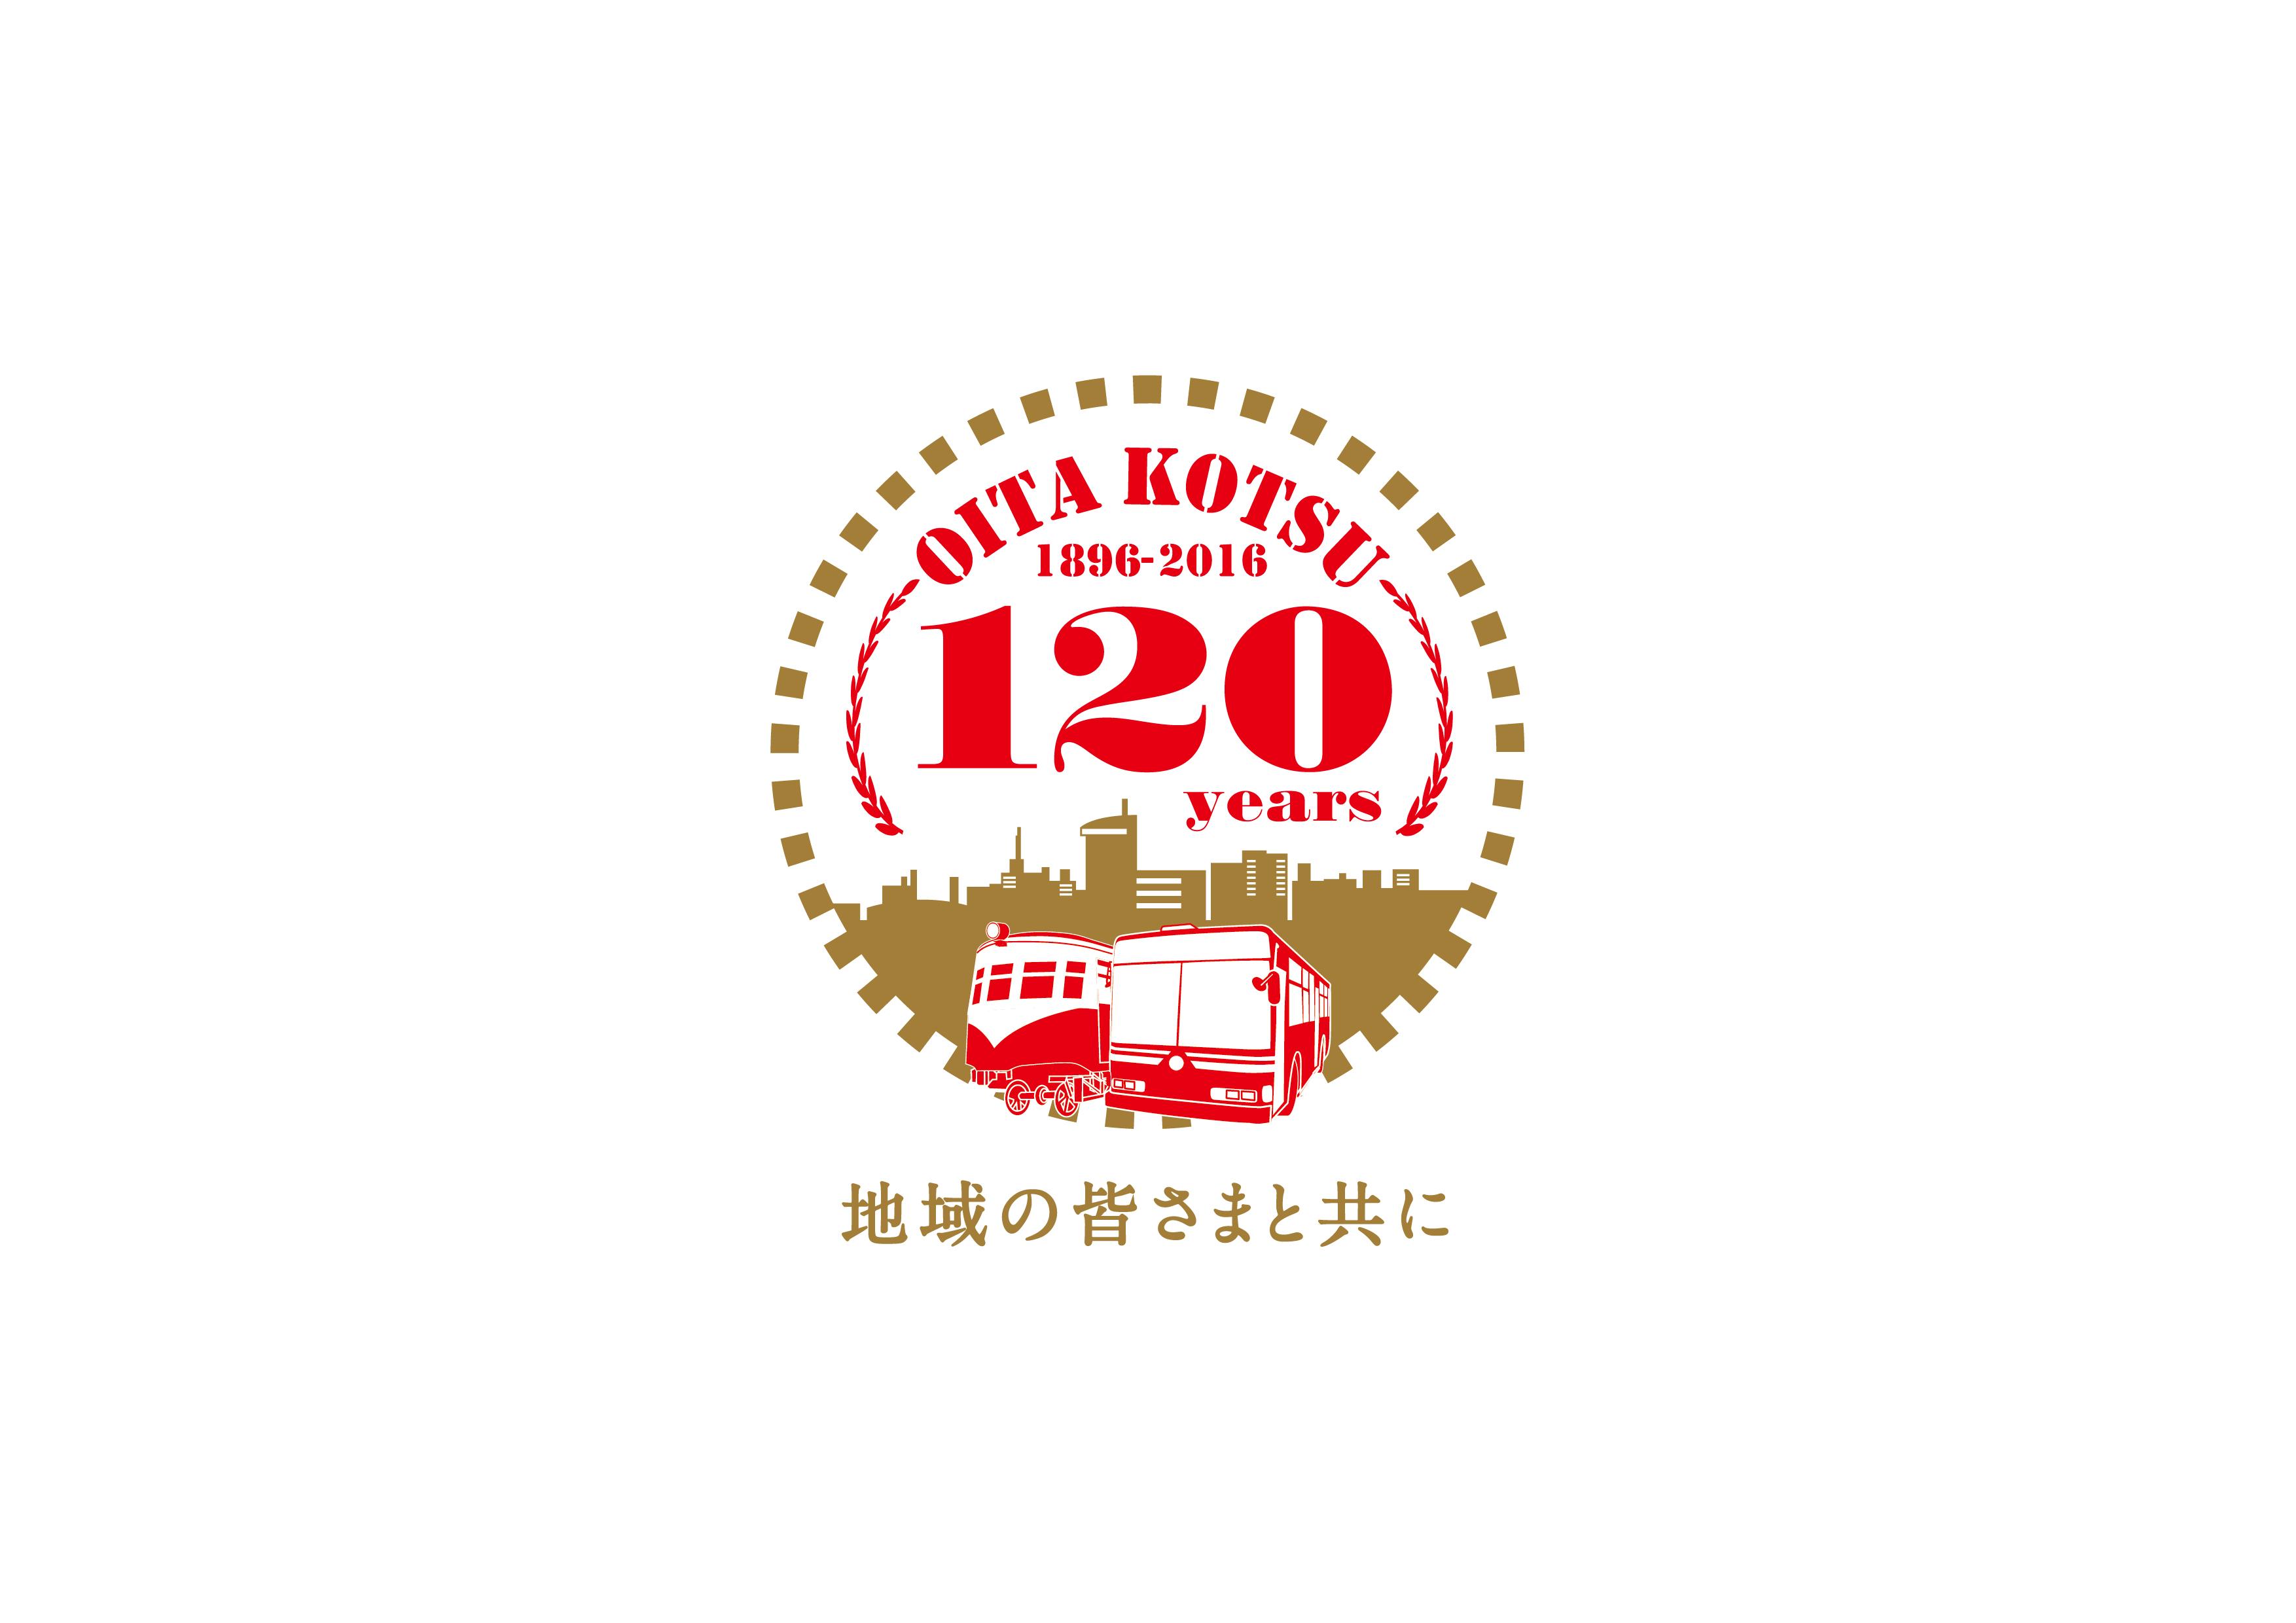 大分交通 120周年記念ロゴ